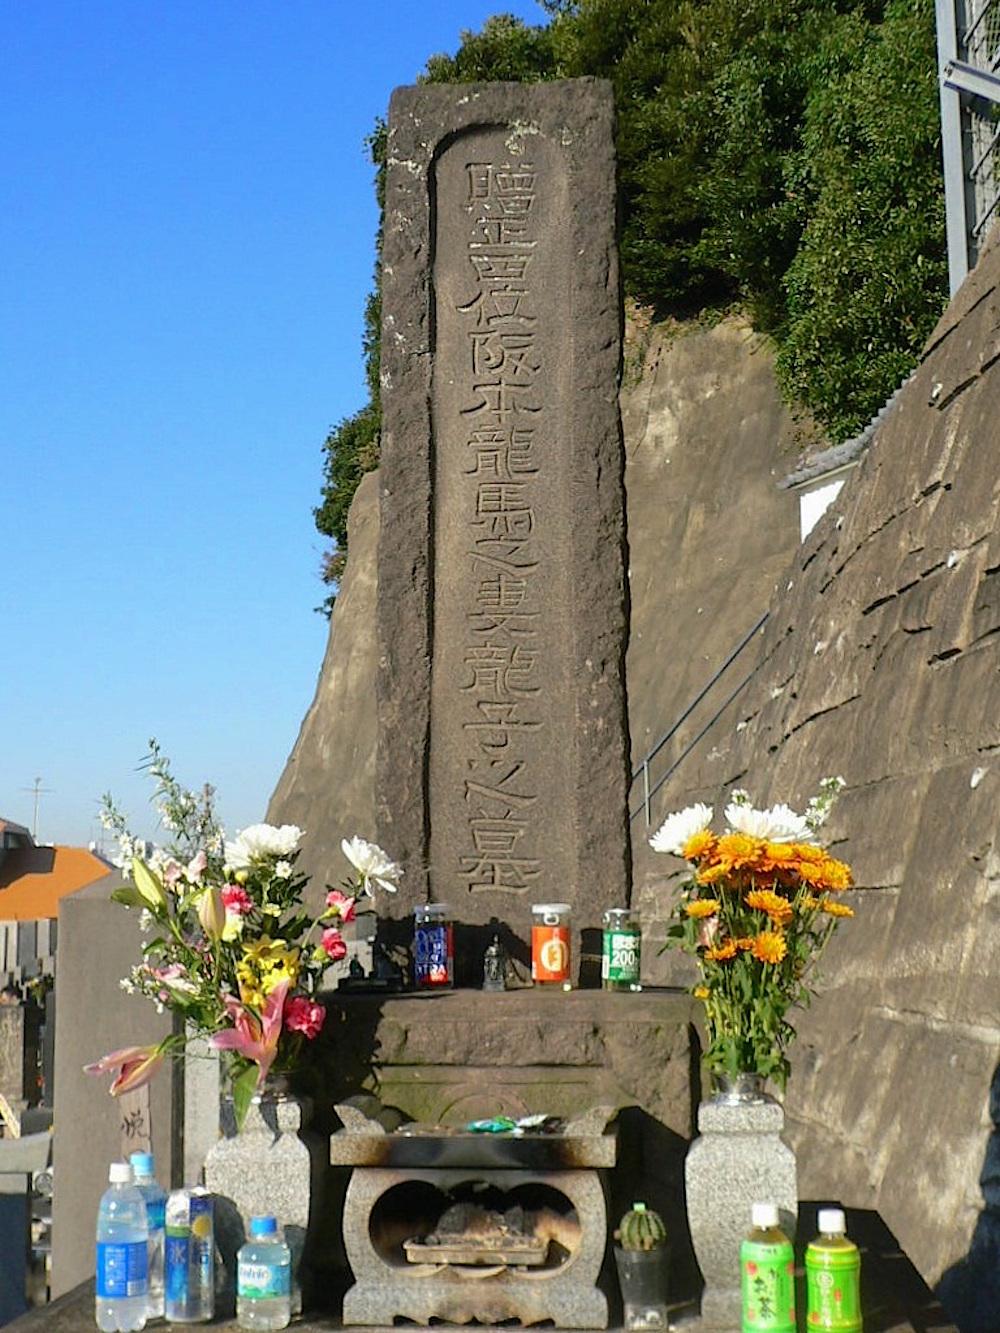 信楽寺境内にあるおりょう(お龍)の墓